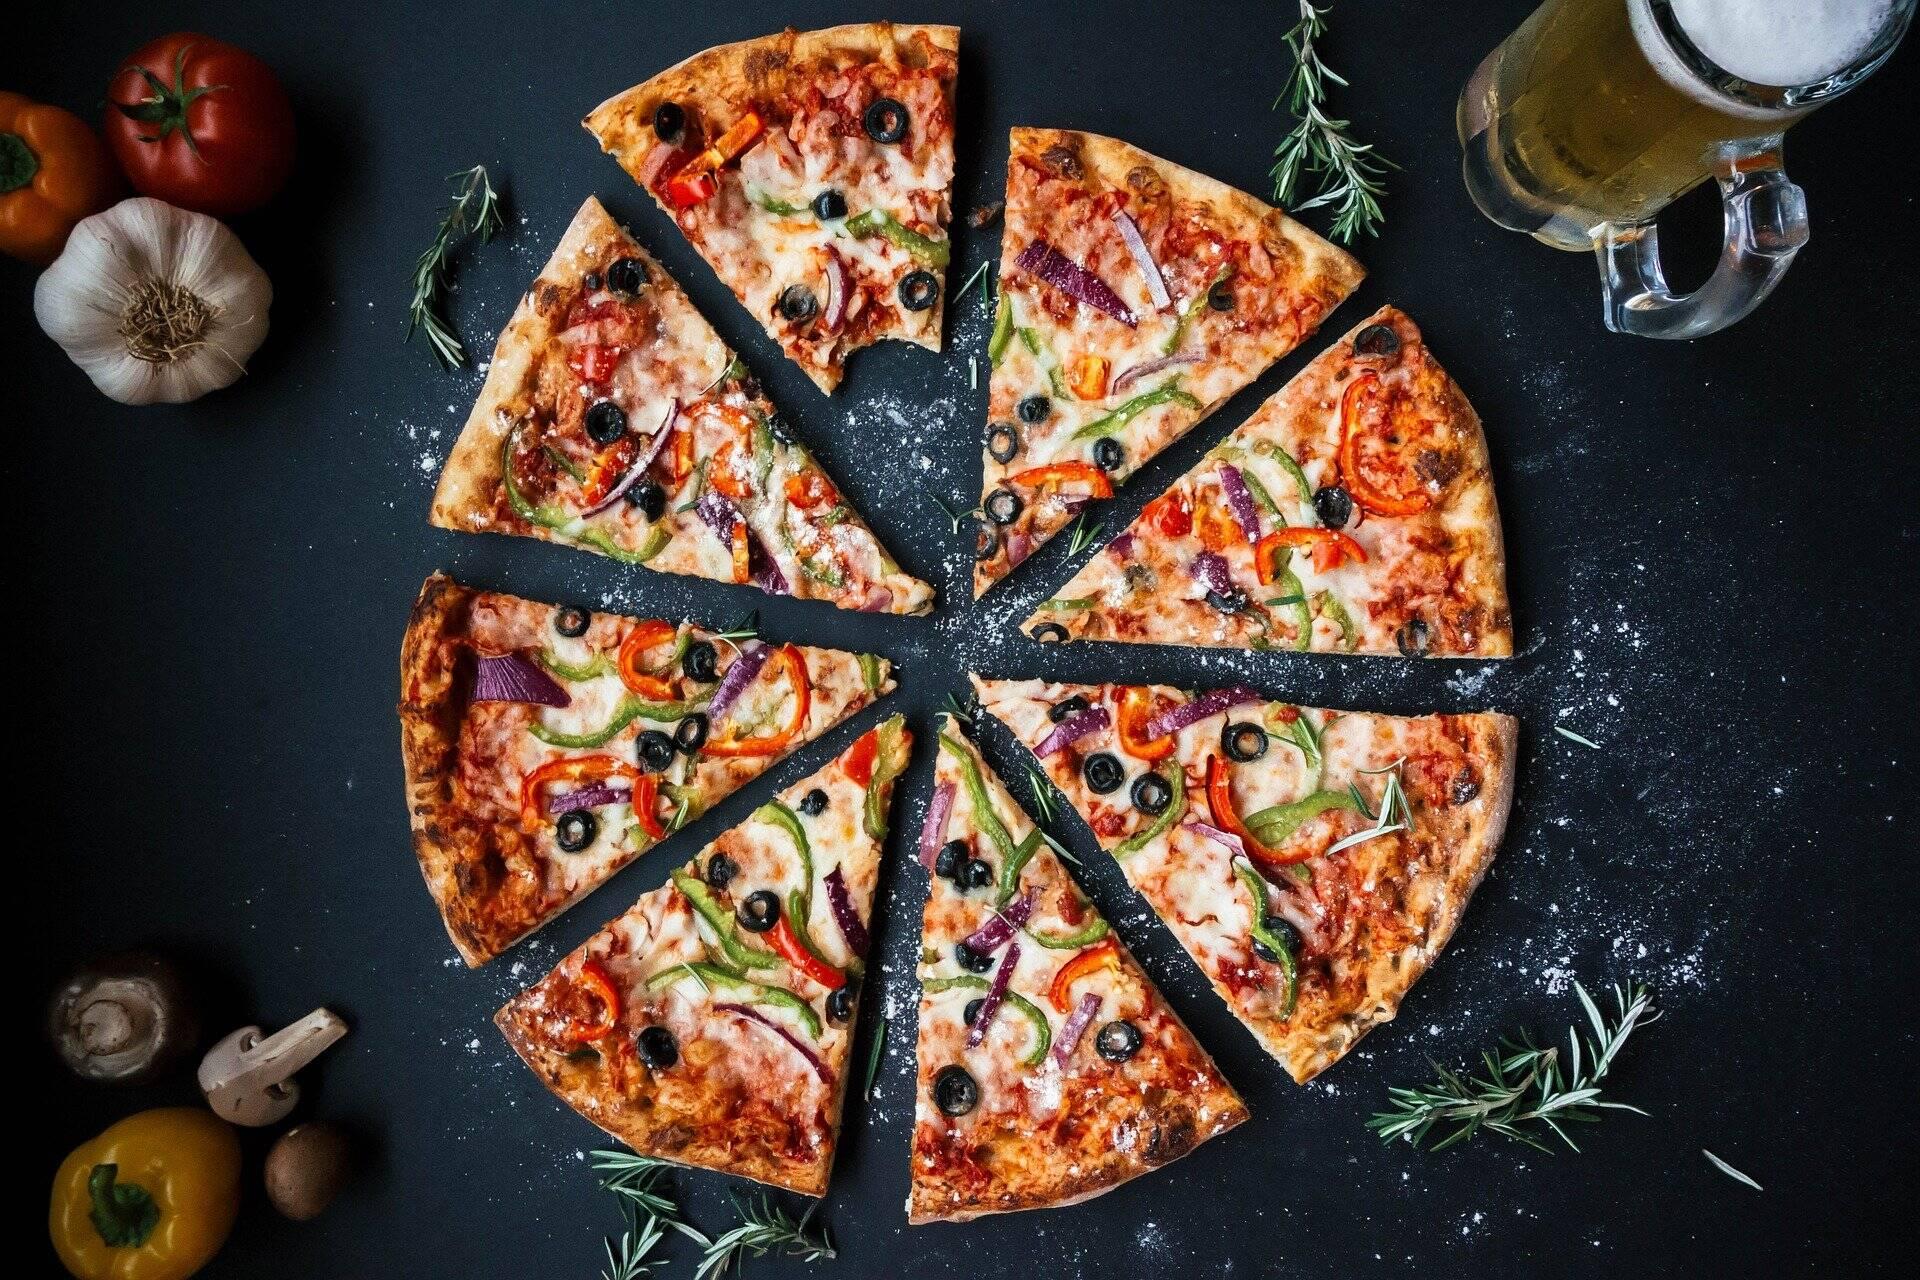 Modo de preparo: Em uma tigela limpa e seca, misture o purê de abóbora / abóbora, ovo, farinha, aveia e temperos. Você vai ter uma pasta, não se preocupe, trabalhe com paciência. Assim que os ingredientes estiverem integrados, estique em uma assadeira de pizza untada com óleo (coloque água na palma das mãos para facilitar), em seguida acrescente o molho de tomate (processe um tomate com um fiozinho de azeite, sal e pimenta). Leve ao forno em fogo alto temperatura por cerca de 20 minutos até que um piso seja formado. Coloque os fetas de cream cheese e leve ao forno novamente até gratinar. (Foto: Pexels)